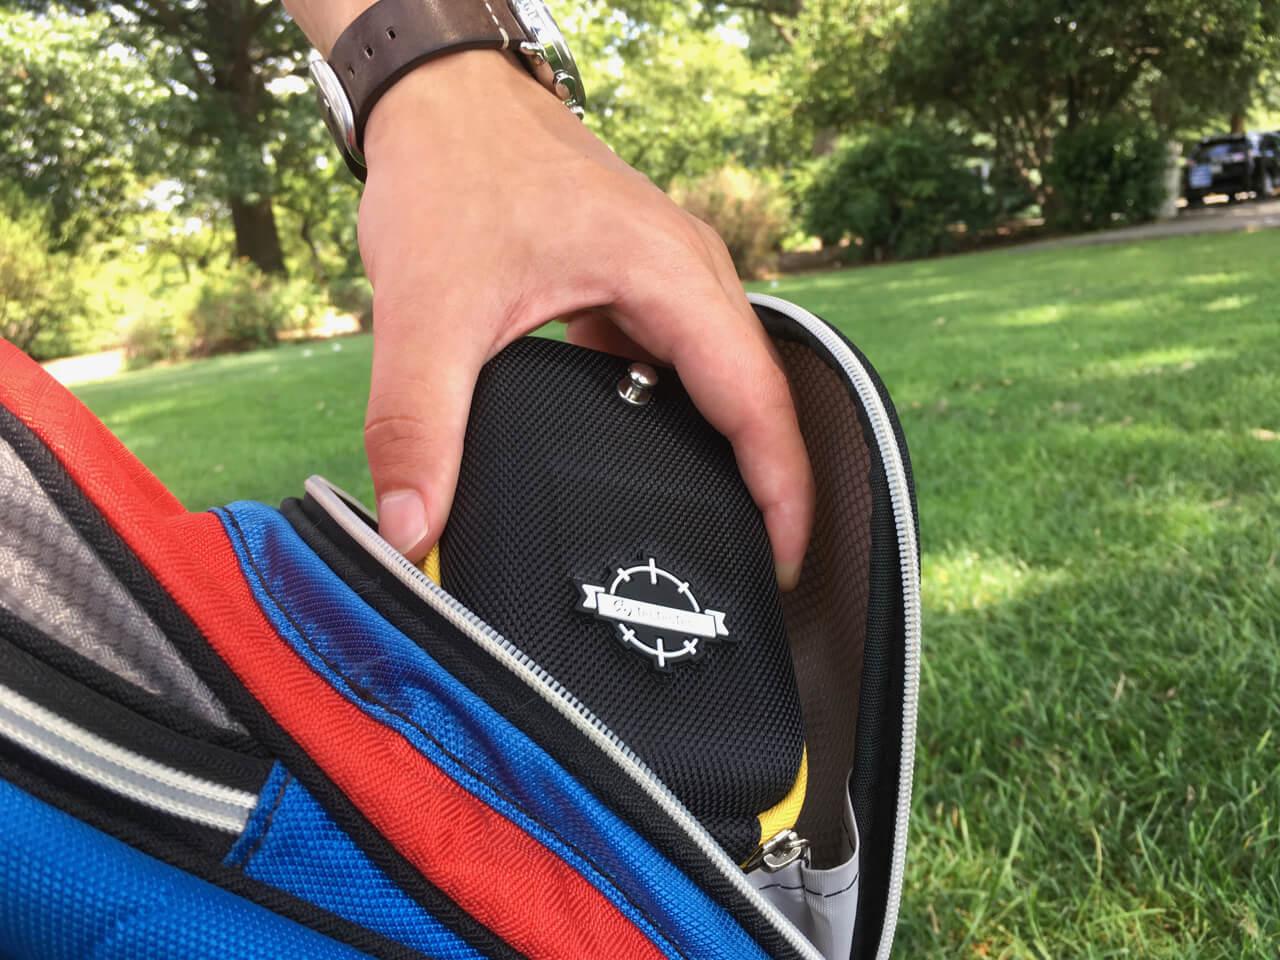 TecTecTec Golf Rangefinder shock resistant pouch